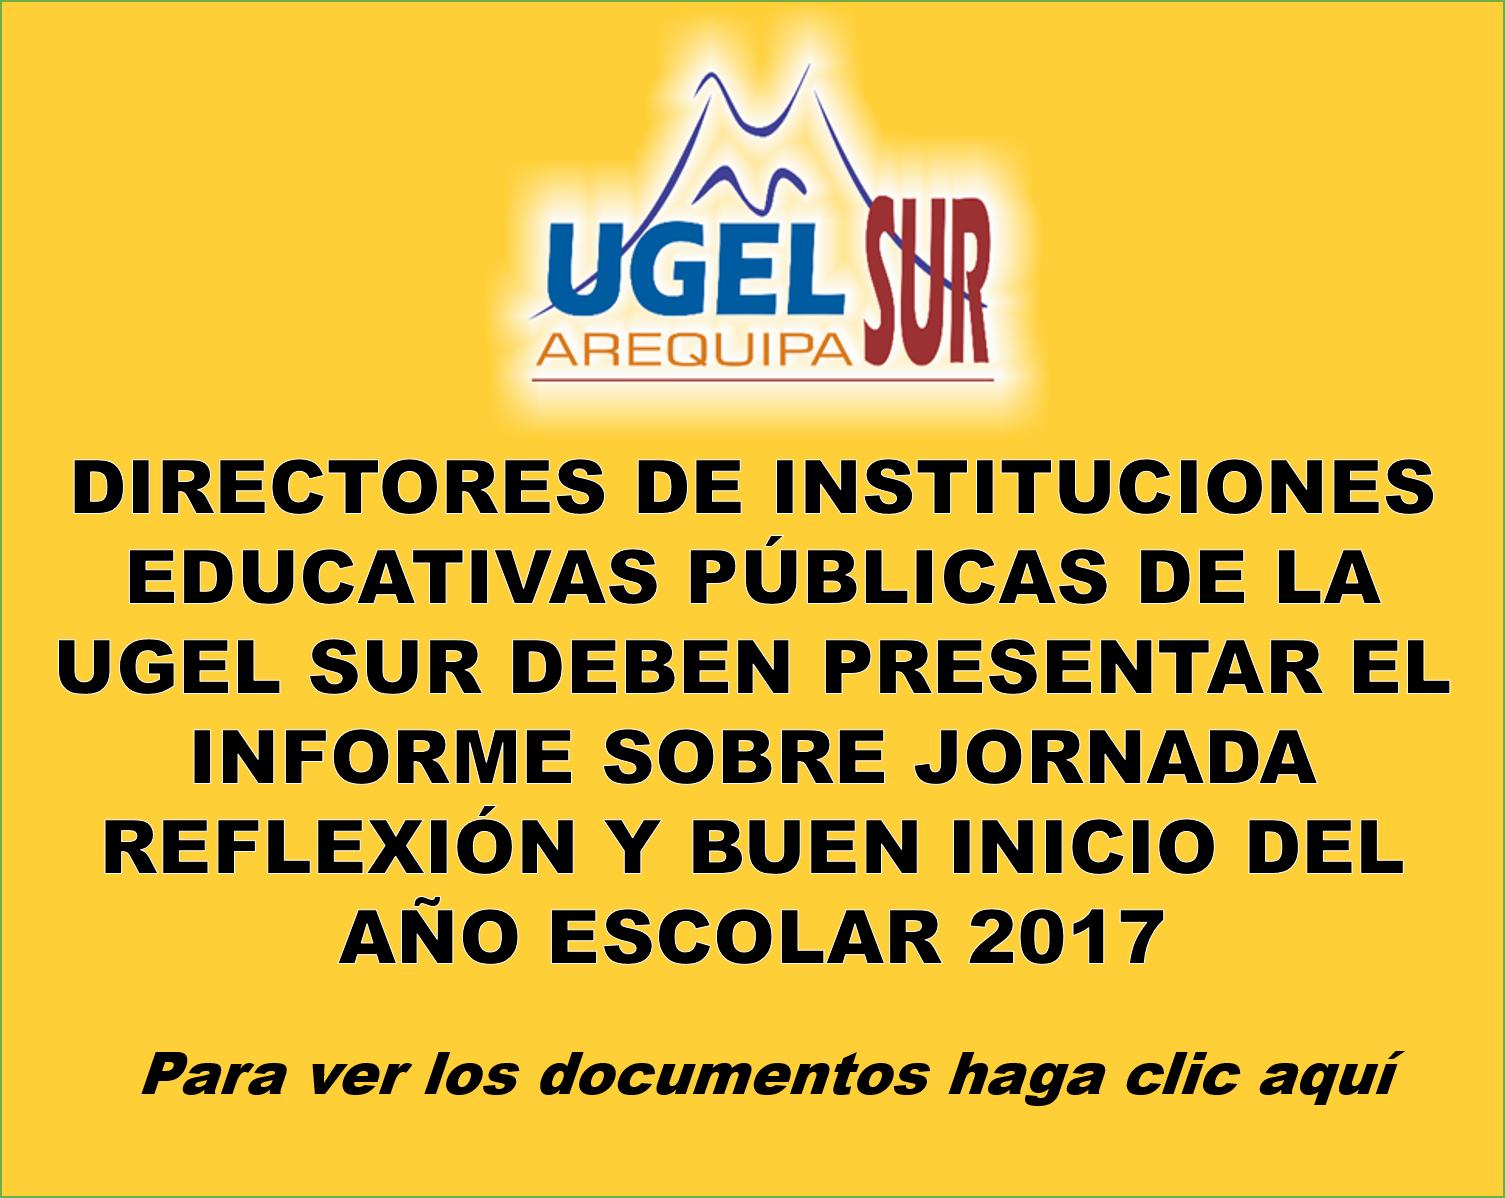 INFORME SOBRE JORNADA REFLEXIÓN Y BUEN INICIO DEL AÑO ESCOLAR 2017